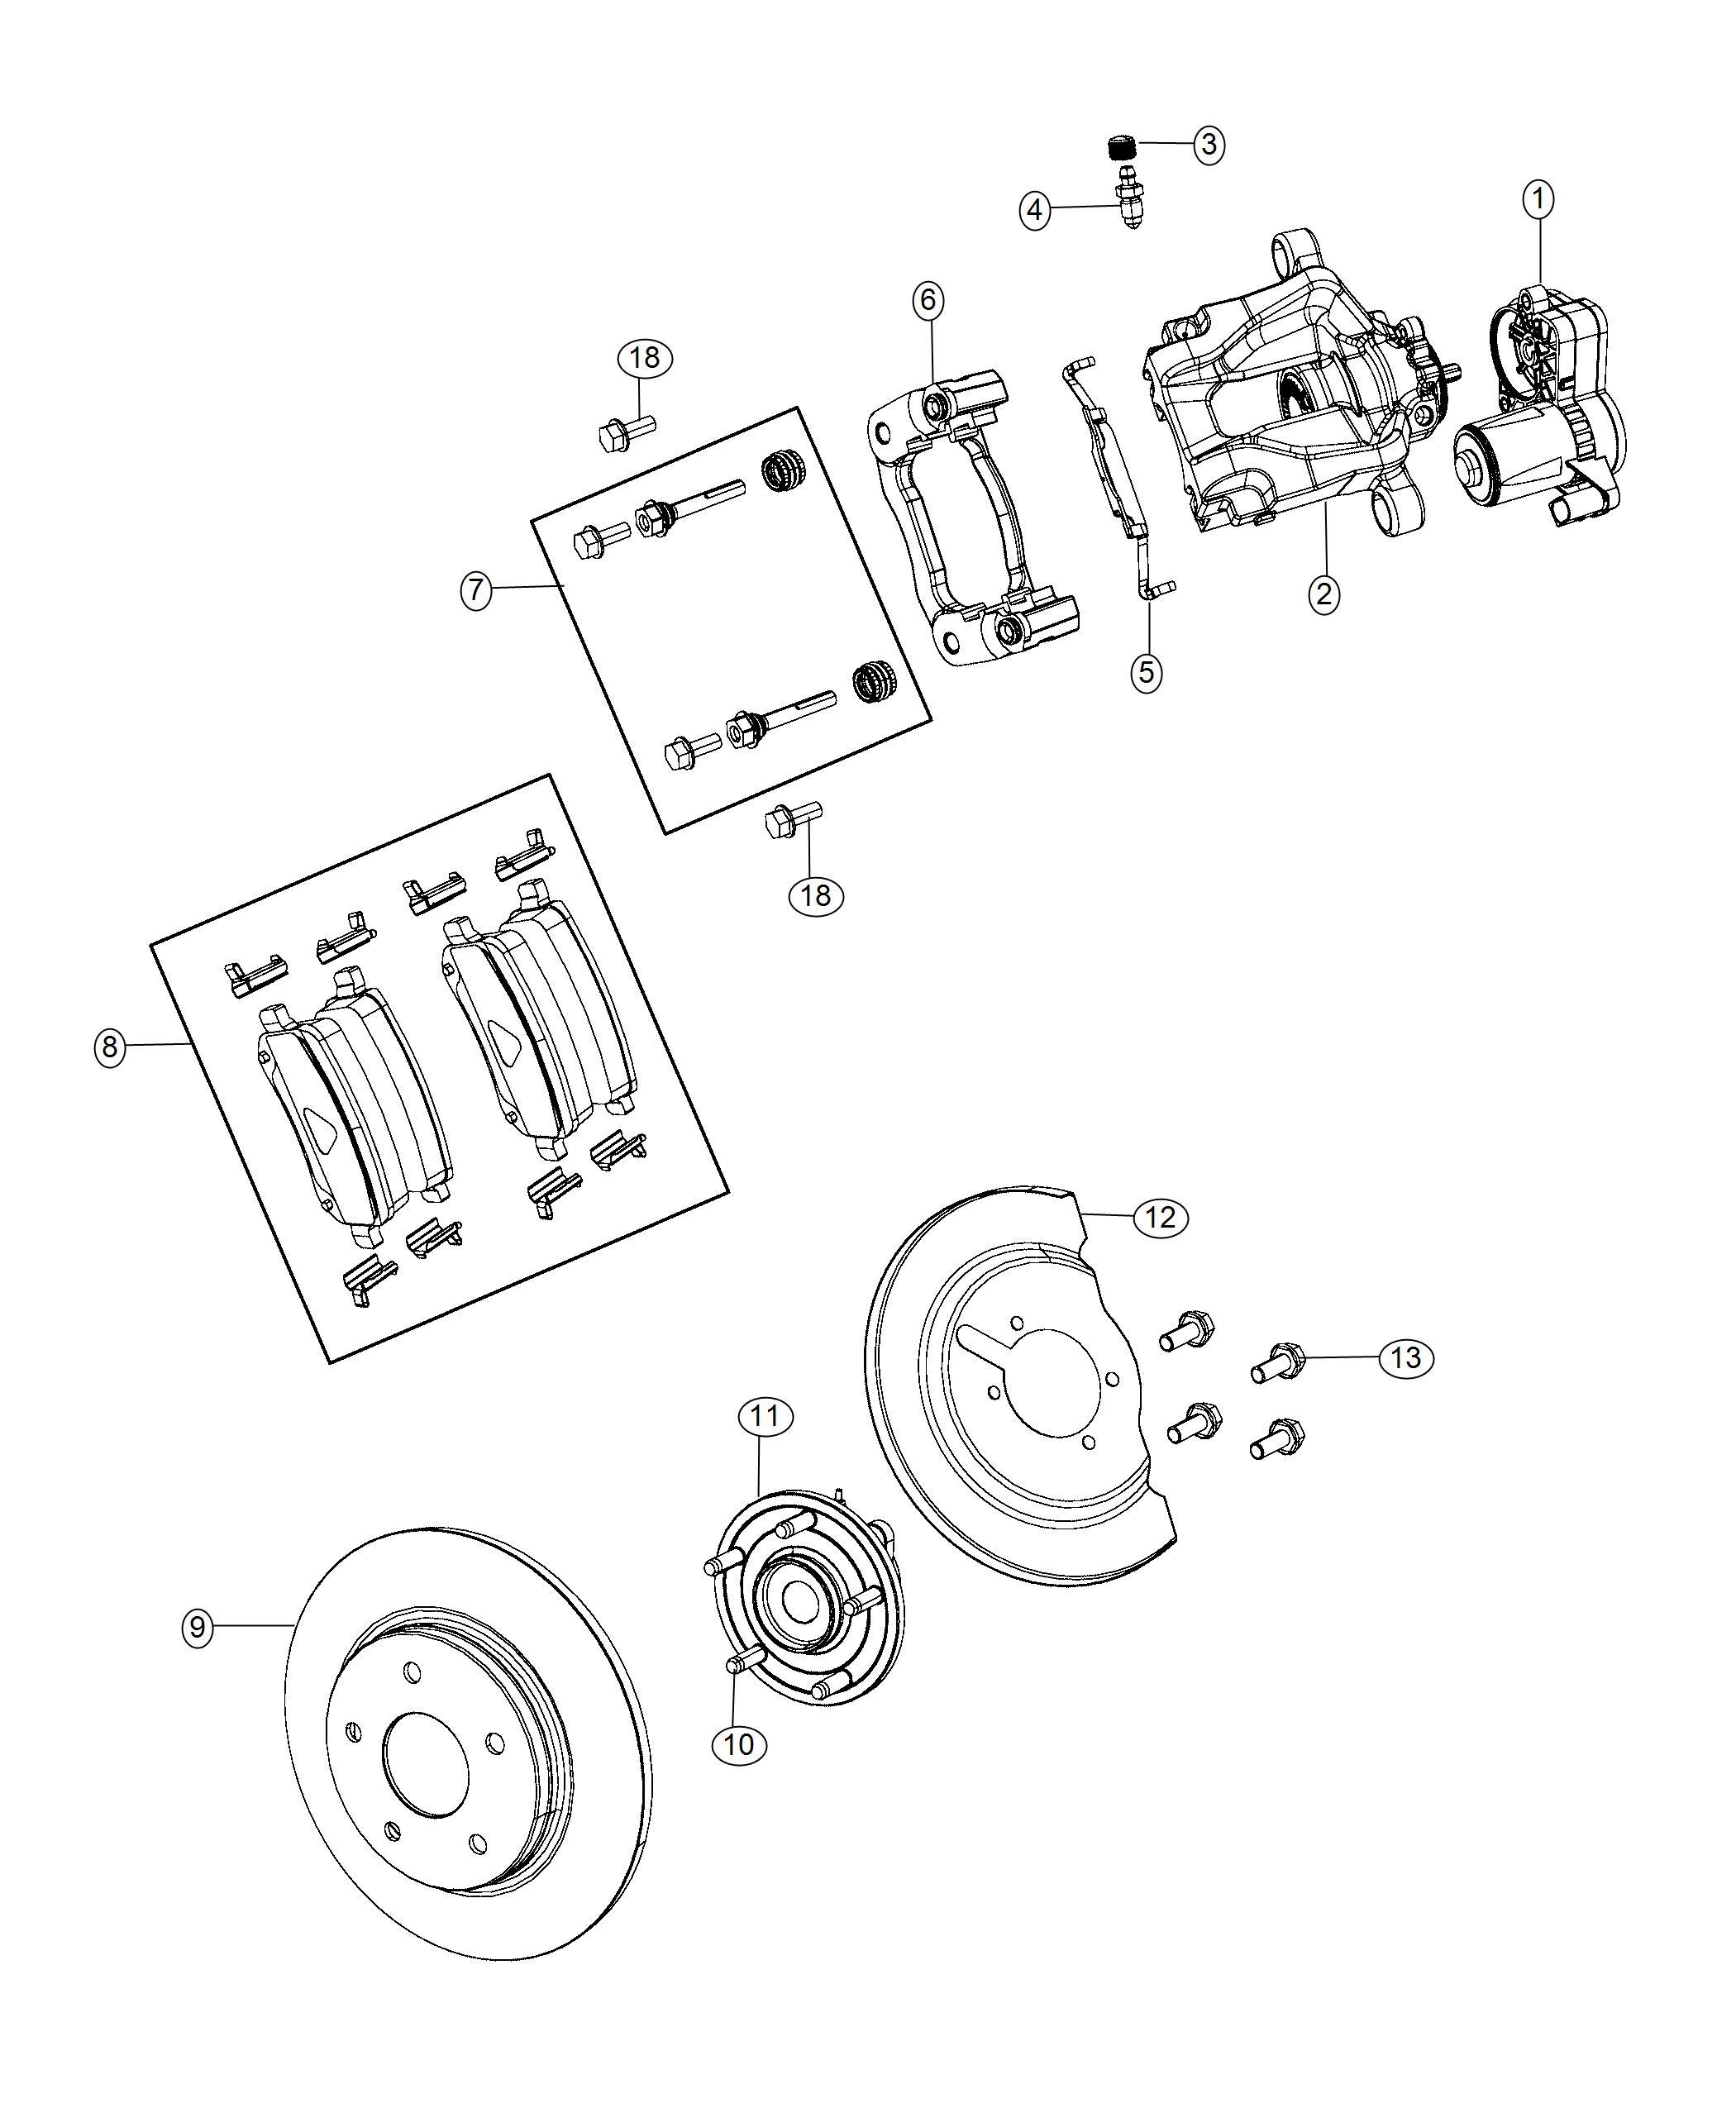 2018 Chrysler Pacifica Caliper Assembly  Disc Brake  Rear